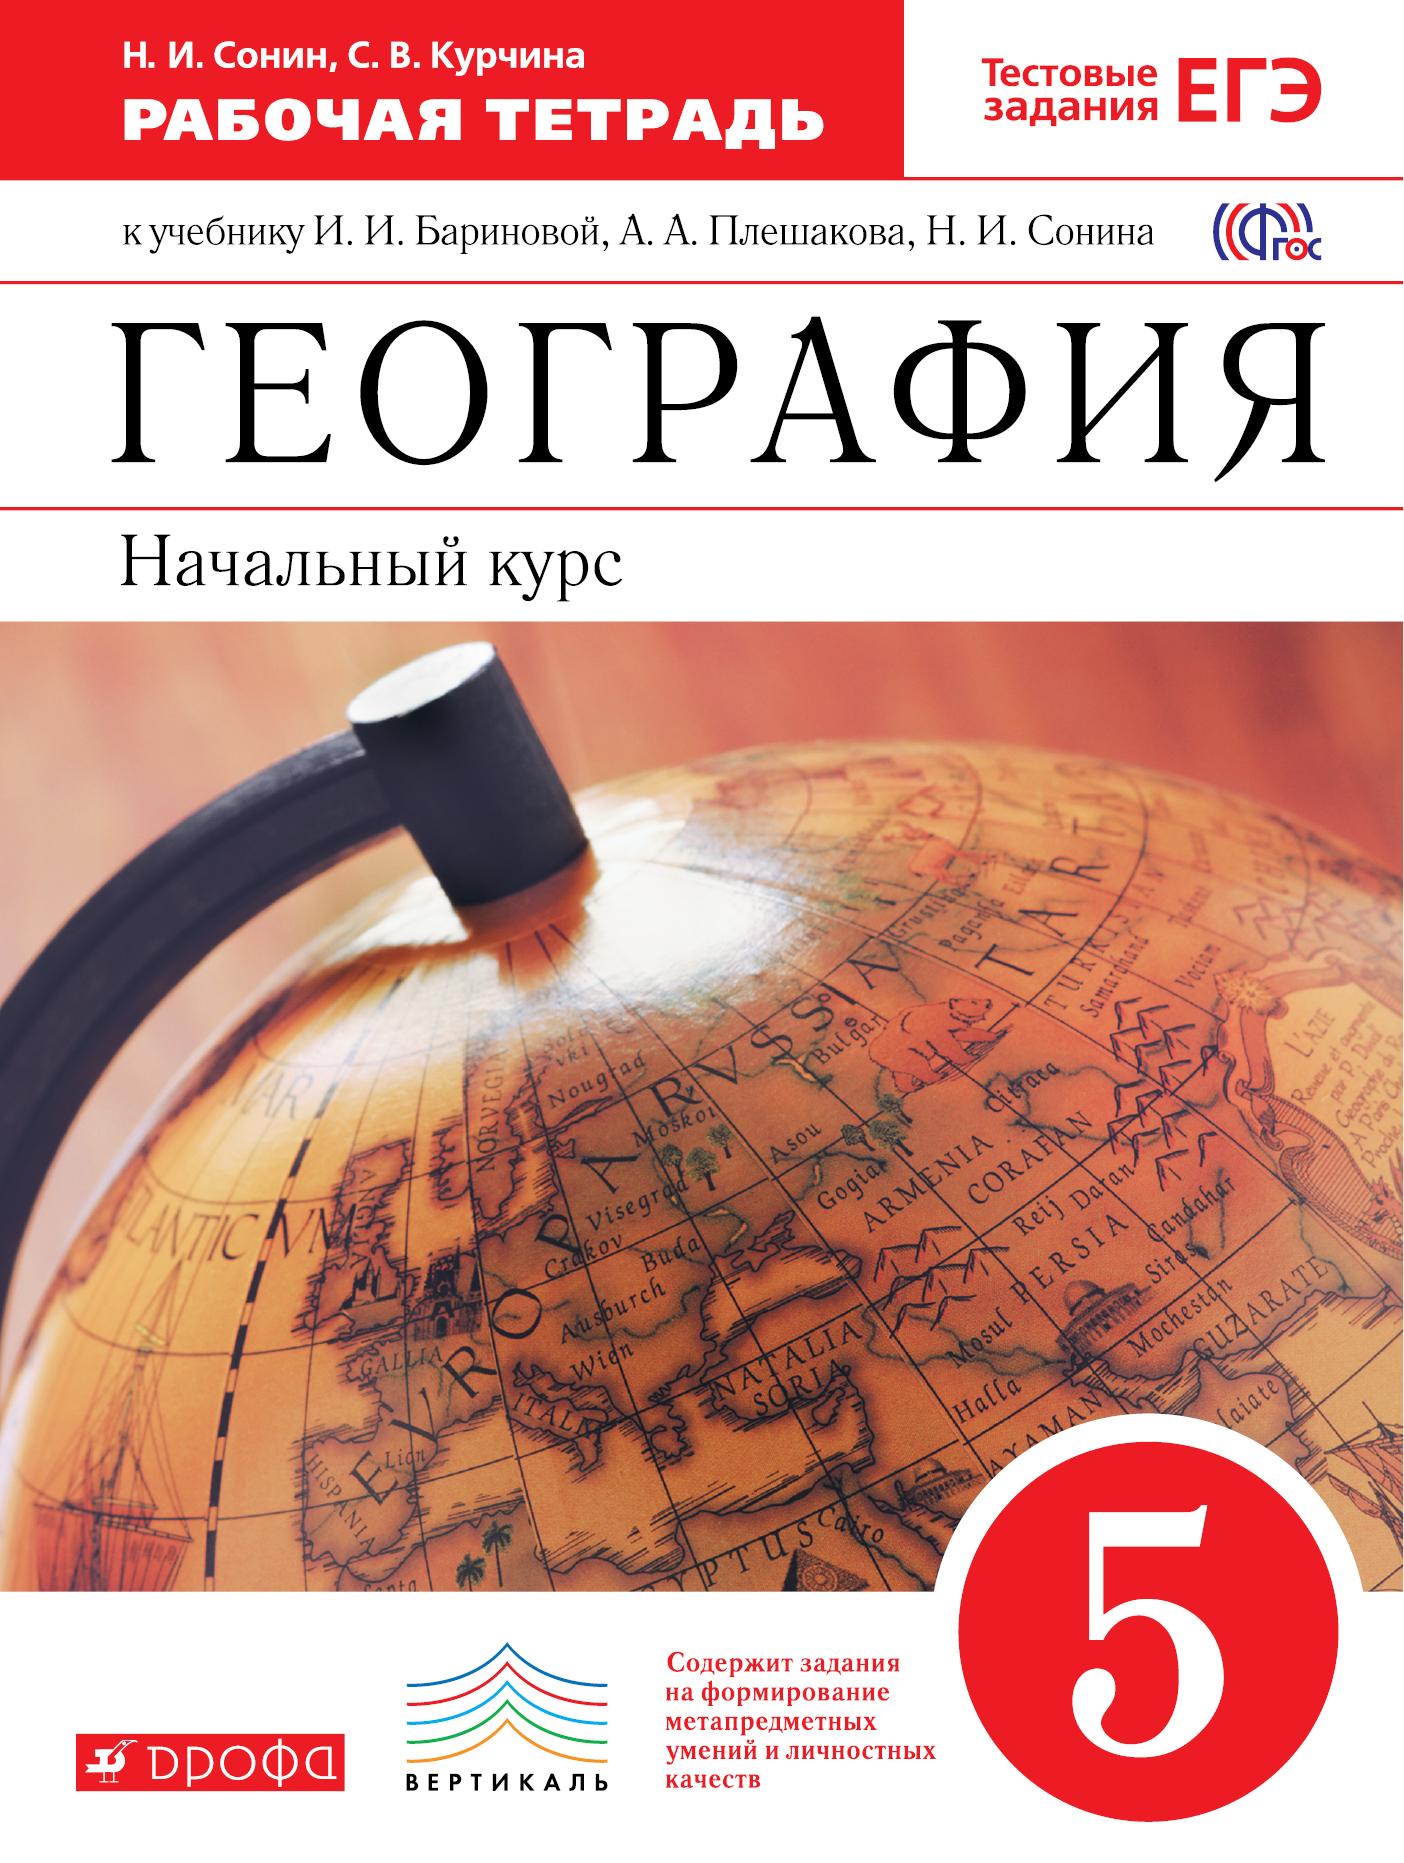 География. Нач. курс 5кл [Р/т+ЕГЭ] Вертикаль